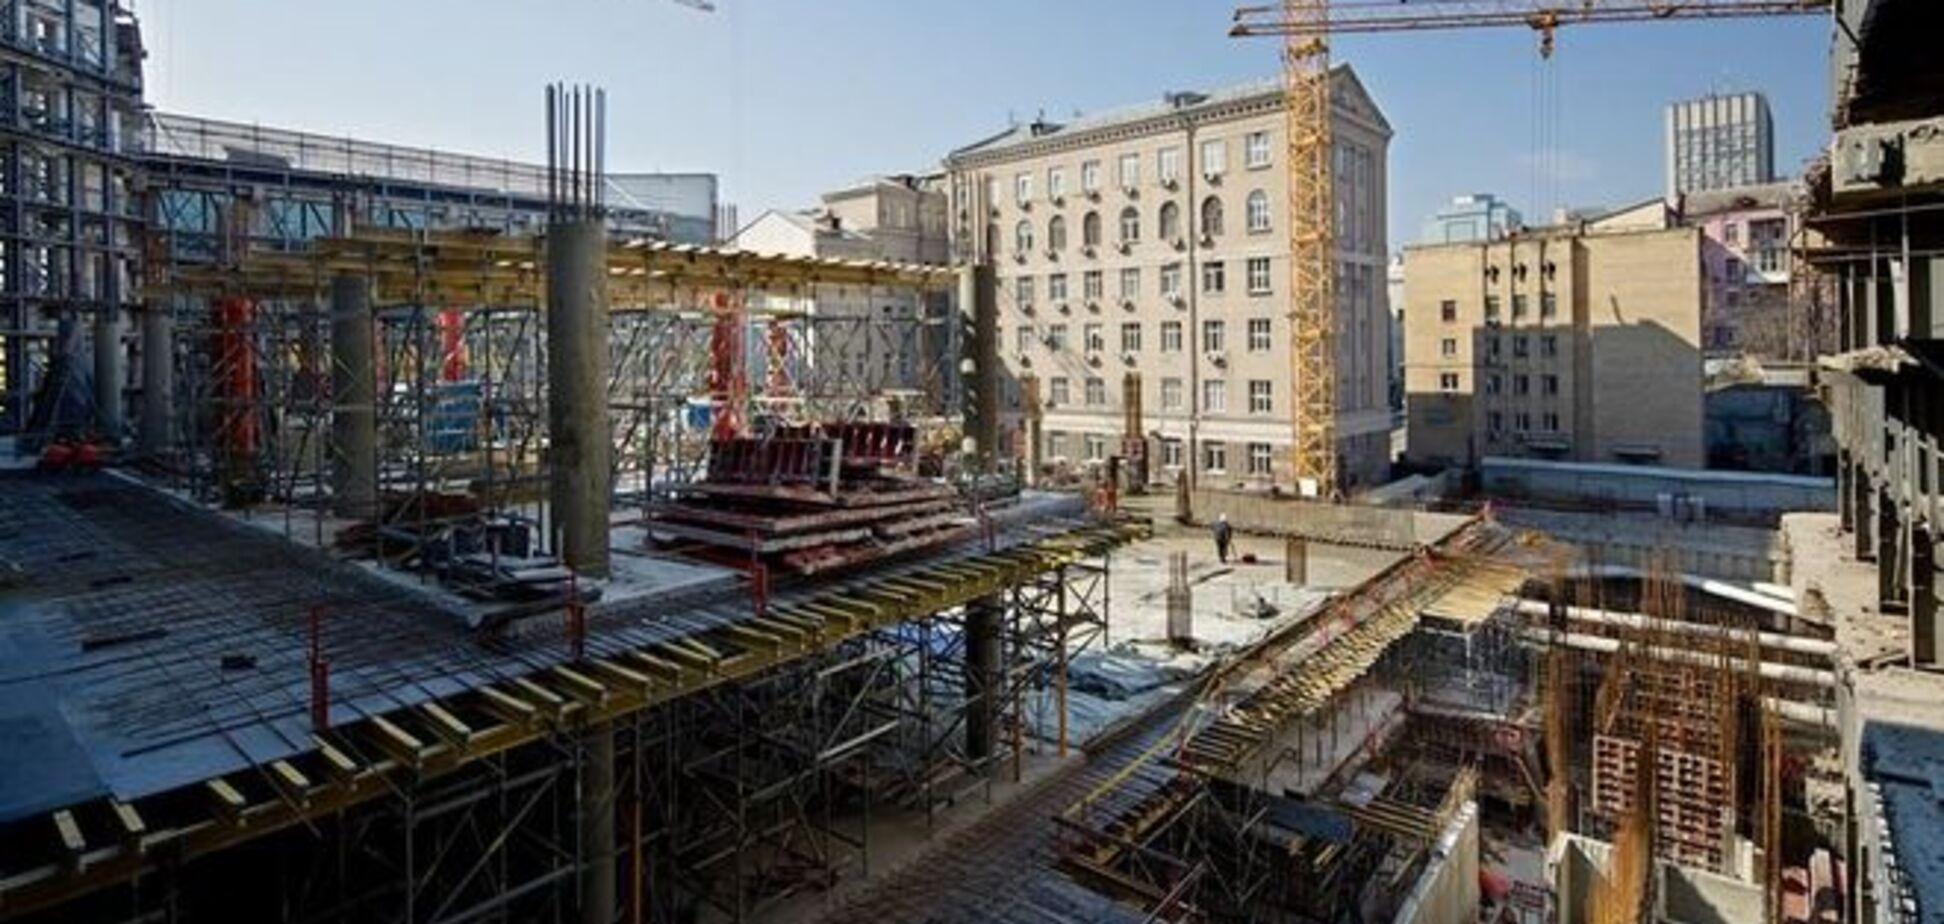 Реконструкція ЦУМу в Києві: універмаг накриють скляним куполом